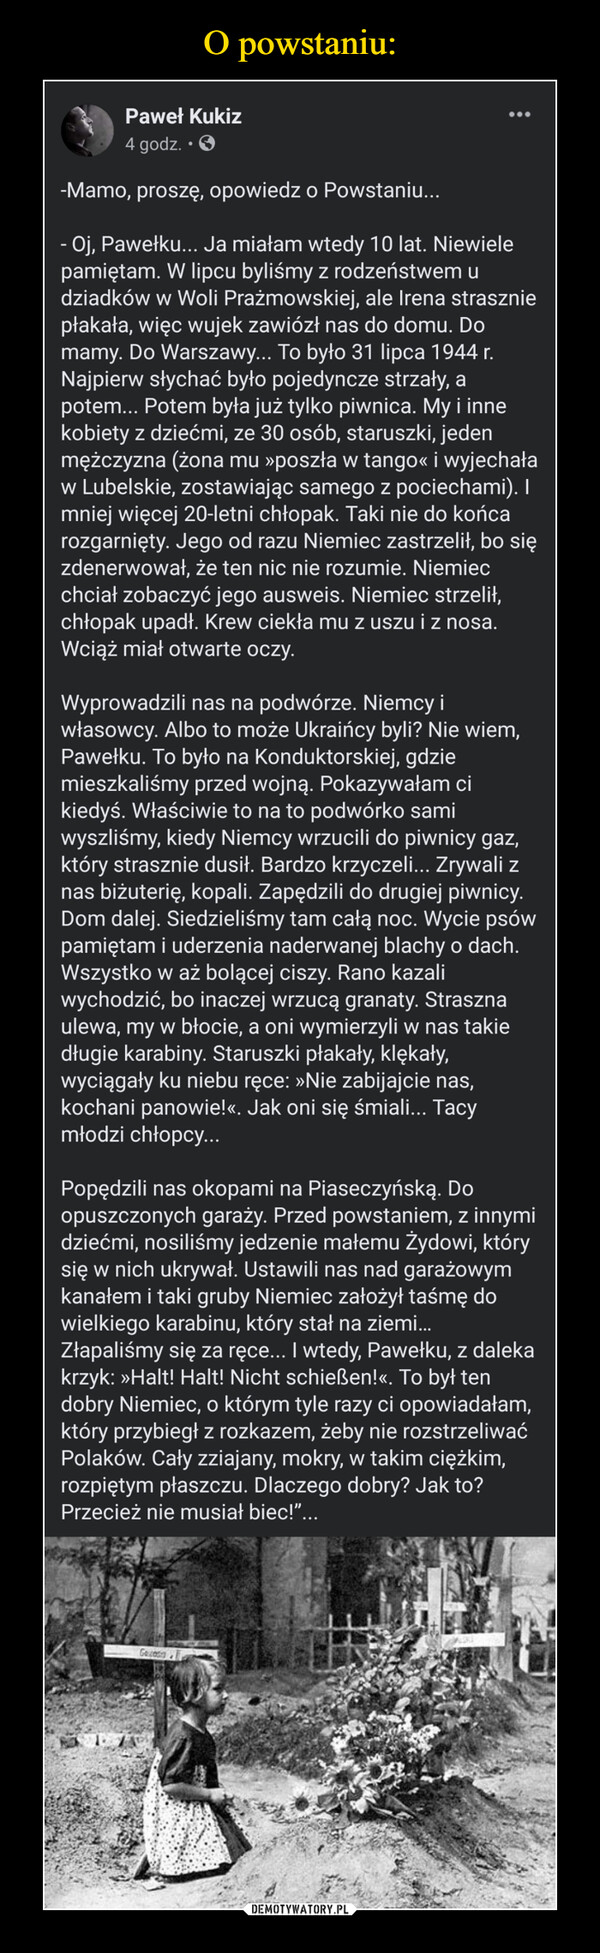 –  -Mamo, proszę, opowiedz o Powstaniu...- Oj, Pawełku... Ja miałam wtedy 10 lat. Niewiele pamiętam. W lipcu byliśmy z rodzeństwem u dziadków w Woli Prażmowskiej, ale Irena strasznie płakała, więc wujek zawiózł nas do domu. Do mamy. Do Warszawy... To było 31 lipca 1944 r. Najpierw słychać było pojedyncze strzały, a potem... Potem była już tylko piwnica. My i inne kobiety z dziećmi, ze 30 osób, staruszki, jeden mężczyzna (żona mu »poszła w tango« i wyjechała w Lubelskie, zostawiając samego z pociechami). I mniej więcej 20-letni chłopak. Taki nie do końca rozgarnięty. Jego od razu Niemiec zastrzelił, bo się zdenerwował, że ten nic nie rozumie. Niemiec chciał zobaczyć jego ausweis. Niemiec strzelił, chłopak upadł. Krew ciekła mu z uszu i z nosa. Wciąż miał otwarte oczy.Wyprowadzili nas na podwórze. Niemcy i własowcy. Albo to może Ukraińcy byli? Nie wiem, Pawełku. To było na Konduktorskiej, gdzie mieszkaliśmy przed wojną. Pokazywałam ci kiedyś. Właściwie to na to podwórko sami wyszliśmy, kiedy Niemcy wrzucili do piwnicy gaz, który strasznie dusił. Bardzo krzyczeli... Zrywali z nas biżuterię, kopali. Zapędzili do drugiej piwnicy. Dom dalej. Siedzieliśmy tam całą noc. Wycie psów pamiętam i uderzenia naderwanej blachy o dach. Wszystko w aż bolącej ciszy. Rano kazali wychodzić, bo inaczej wrzucą granaty. Straszna ulewa, my w błocie, a oni wymierzyli w nas takie długie karabiny. Staruszki płakały, klękały, wyciągały ku niebu ręce: »Nie zabijajcie nas, kochani panowie!«. Jak oni się śmiali... Tacy młodzi chłopcy...Popędzili nas okopami na Piaseczyńską. Do opuszczonych garaży. Przed powstaniem, z innymi dziećmi, nosiliśmy jedzenie małemu Żydowi, który się w nich ukrywał. Ustawili nas nad garażowym kanałem i taki gruby Niemiec założył taśmę do wielkiego karabinu, który stał na ziemi… Złapaliśmy się za ręce... I wtedy, Pawełku, z daleka krzyk: »Halt! Halt! Nicht schießen!«. To był ten dobry Niemiec, o którym tyle razy ci opowiadałam, który przybiegł z rozkazem, żeby nie rozstrze